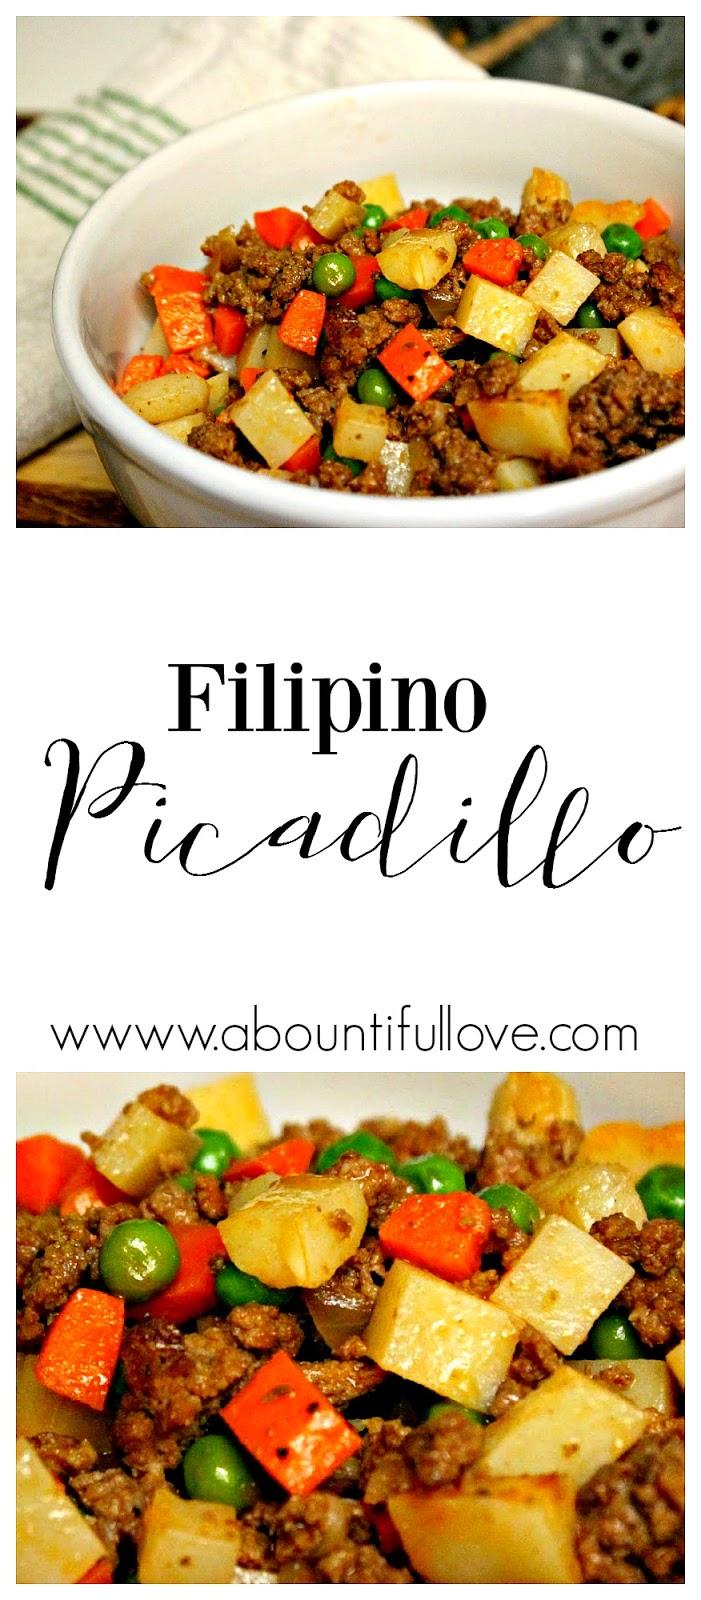 A Bountiful Love: Filipino Picadillo